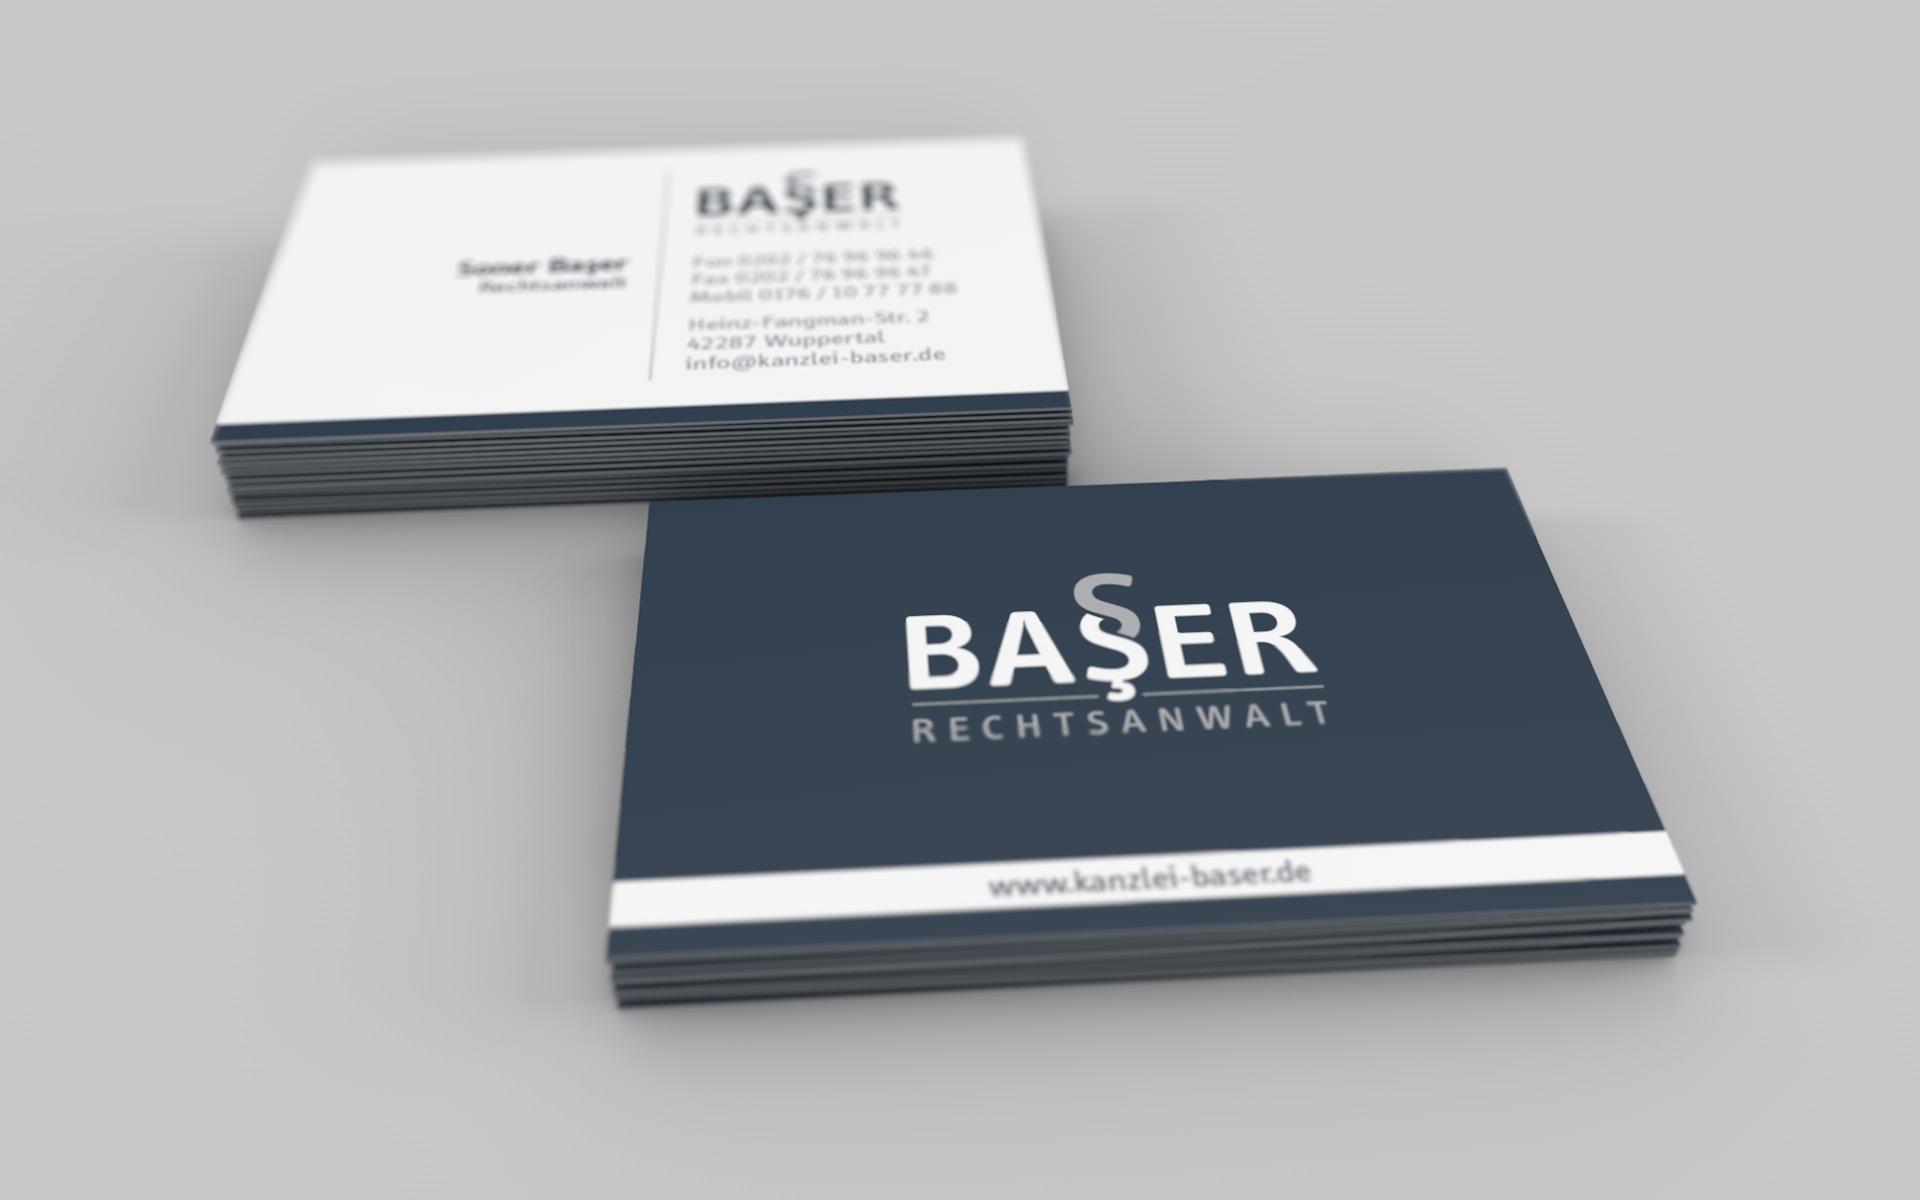 Visitenkarten vom Corporate Design der Kanzlei Baser